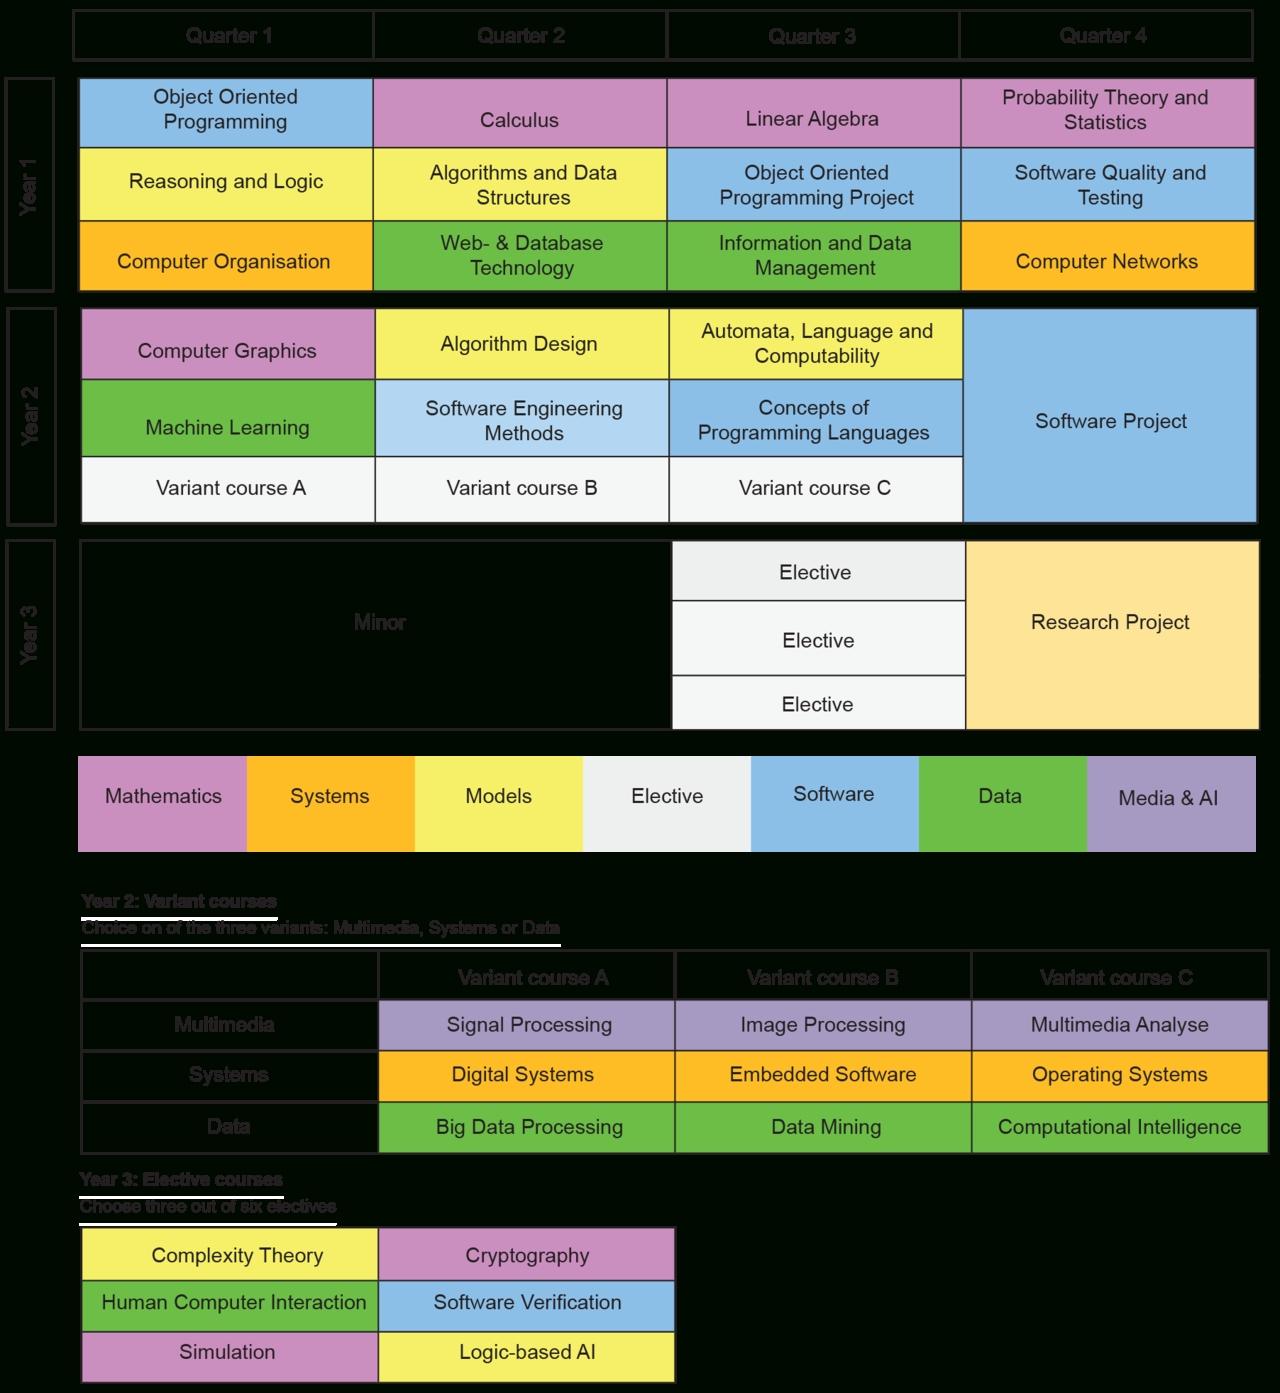 Curriculum in Calendar Tu Delft 2019-2020